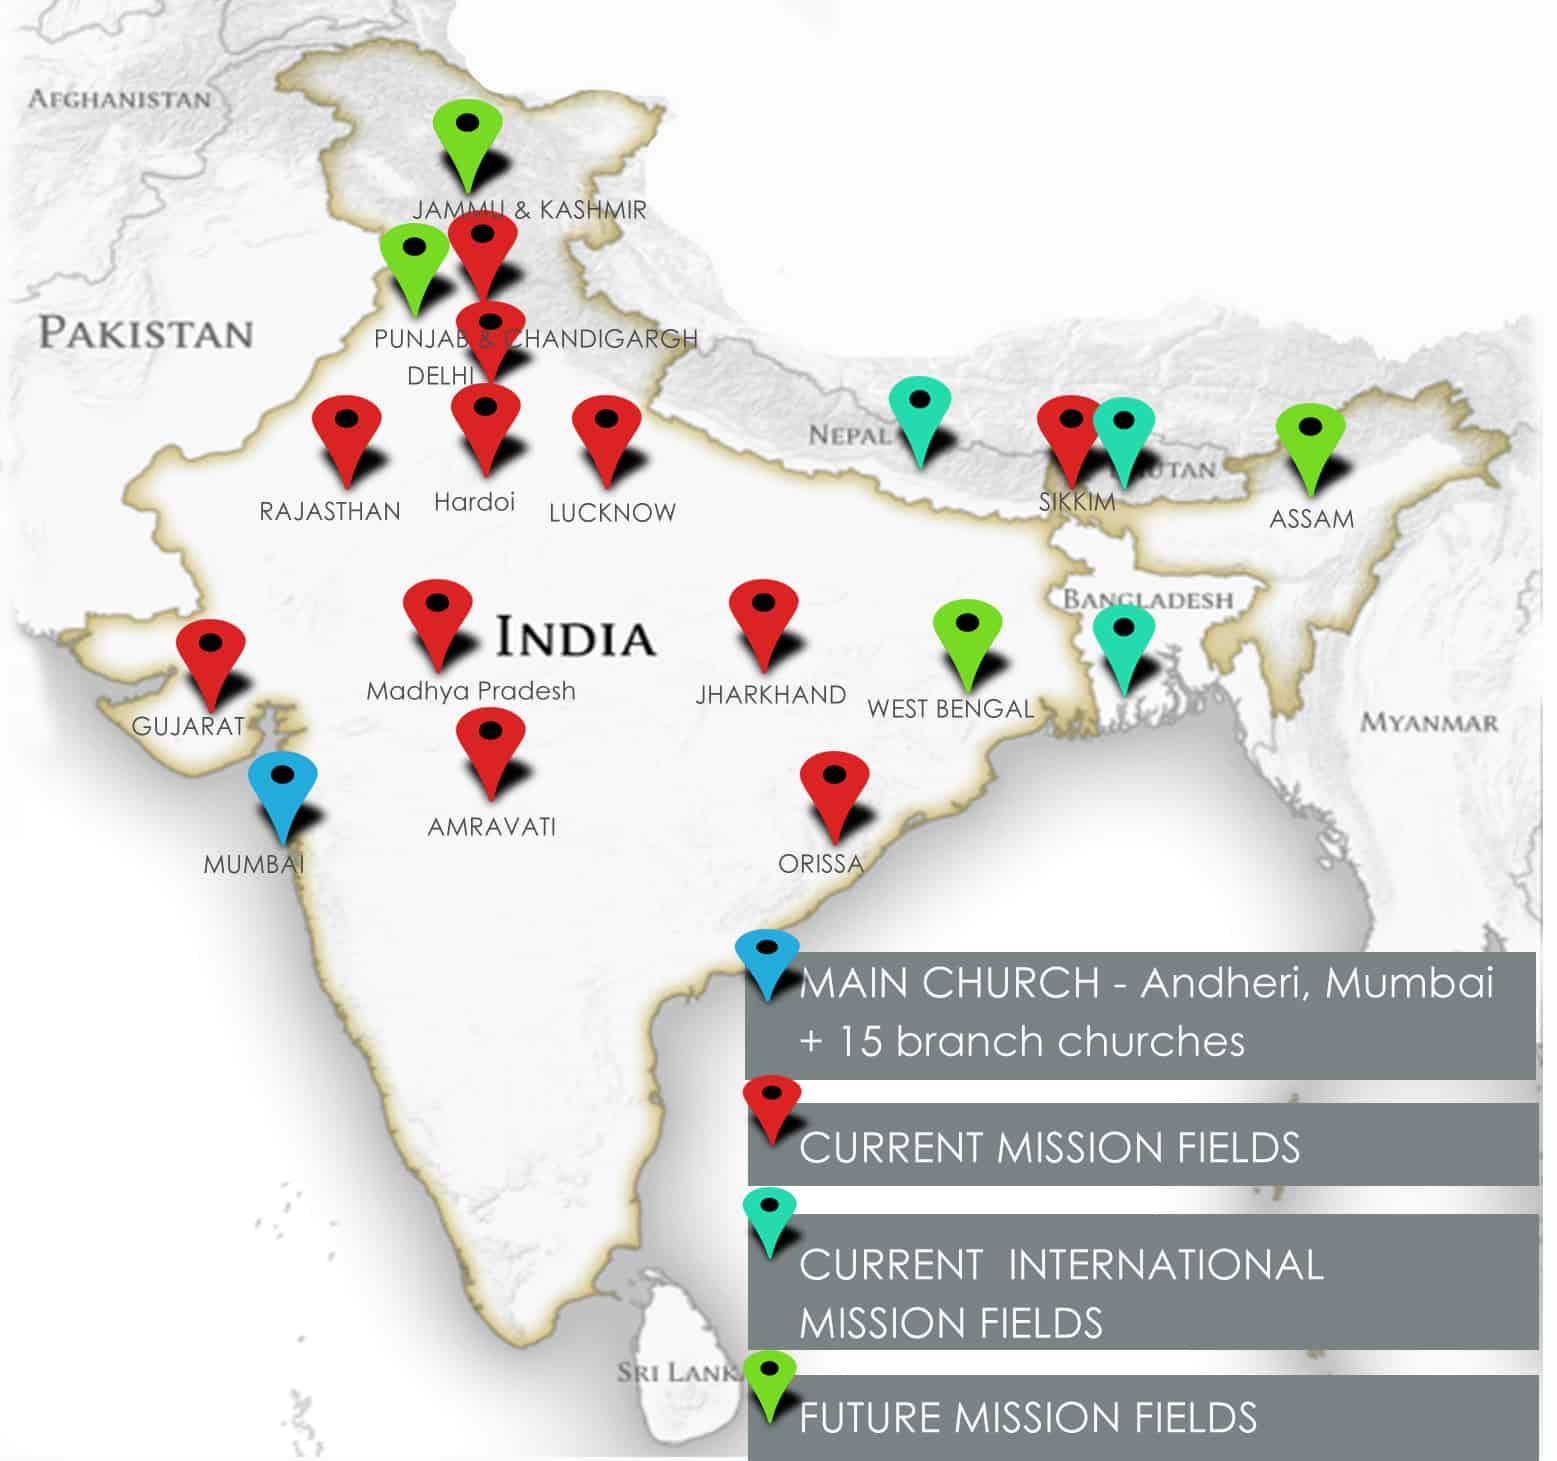 Pix11 Indiamap